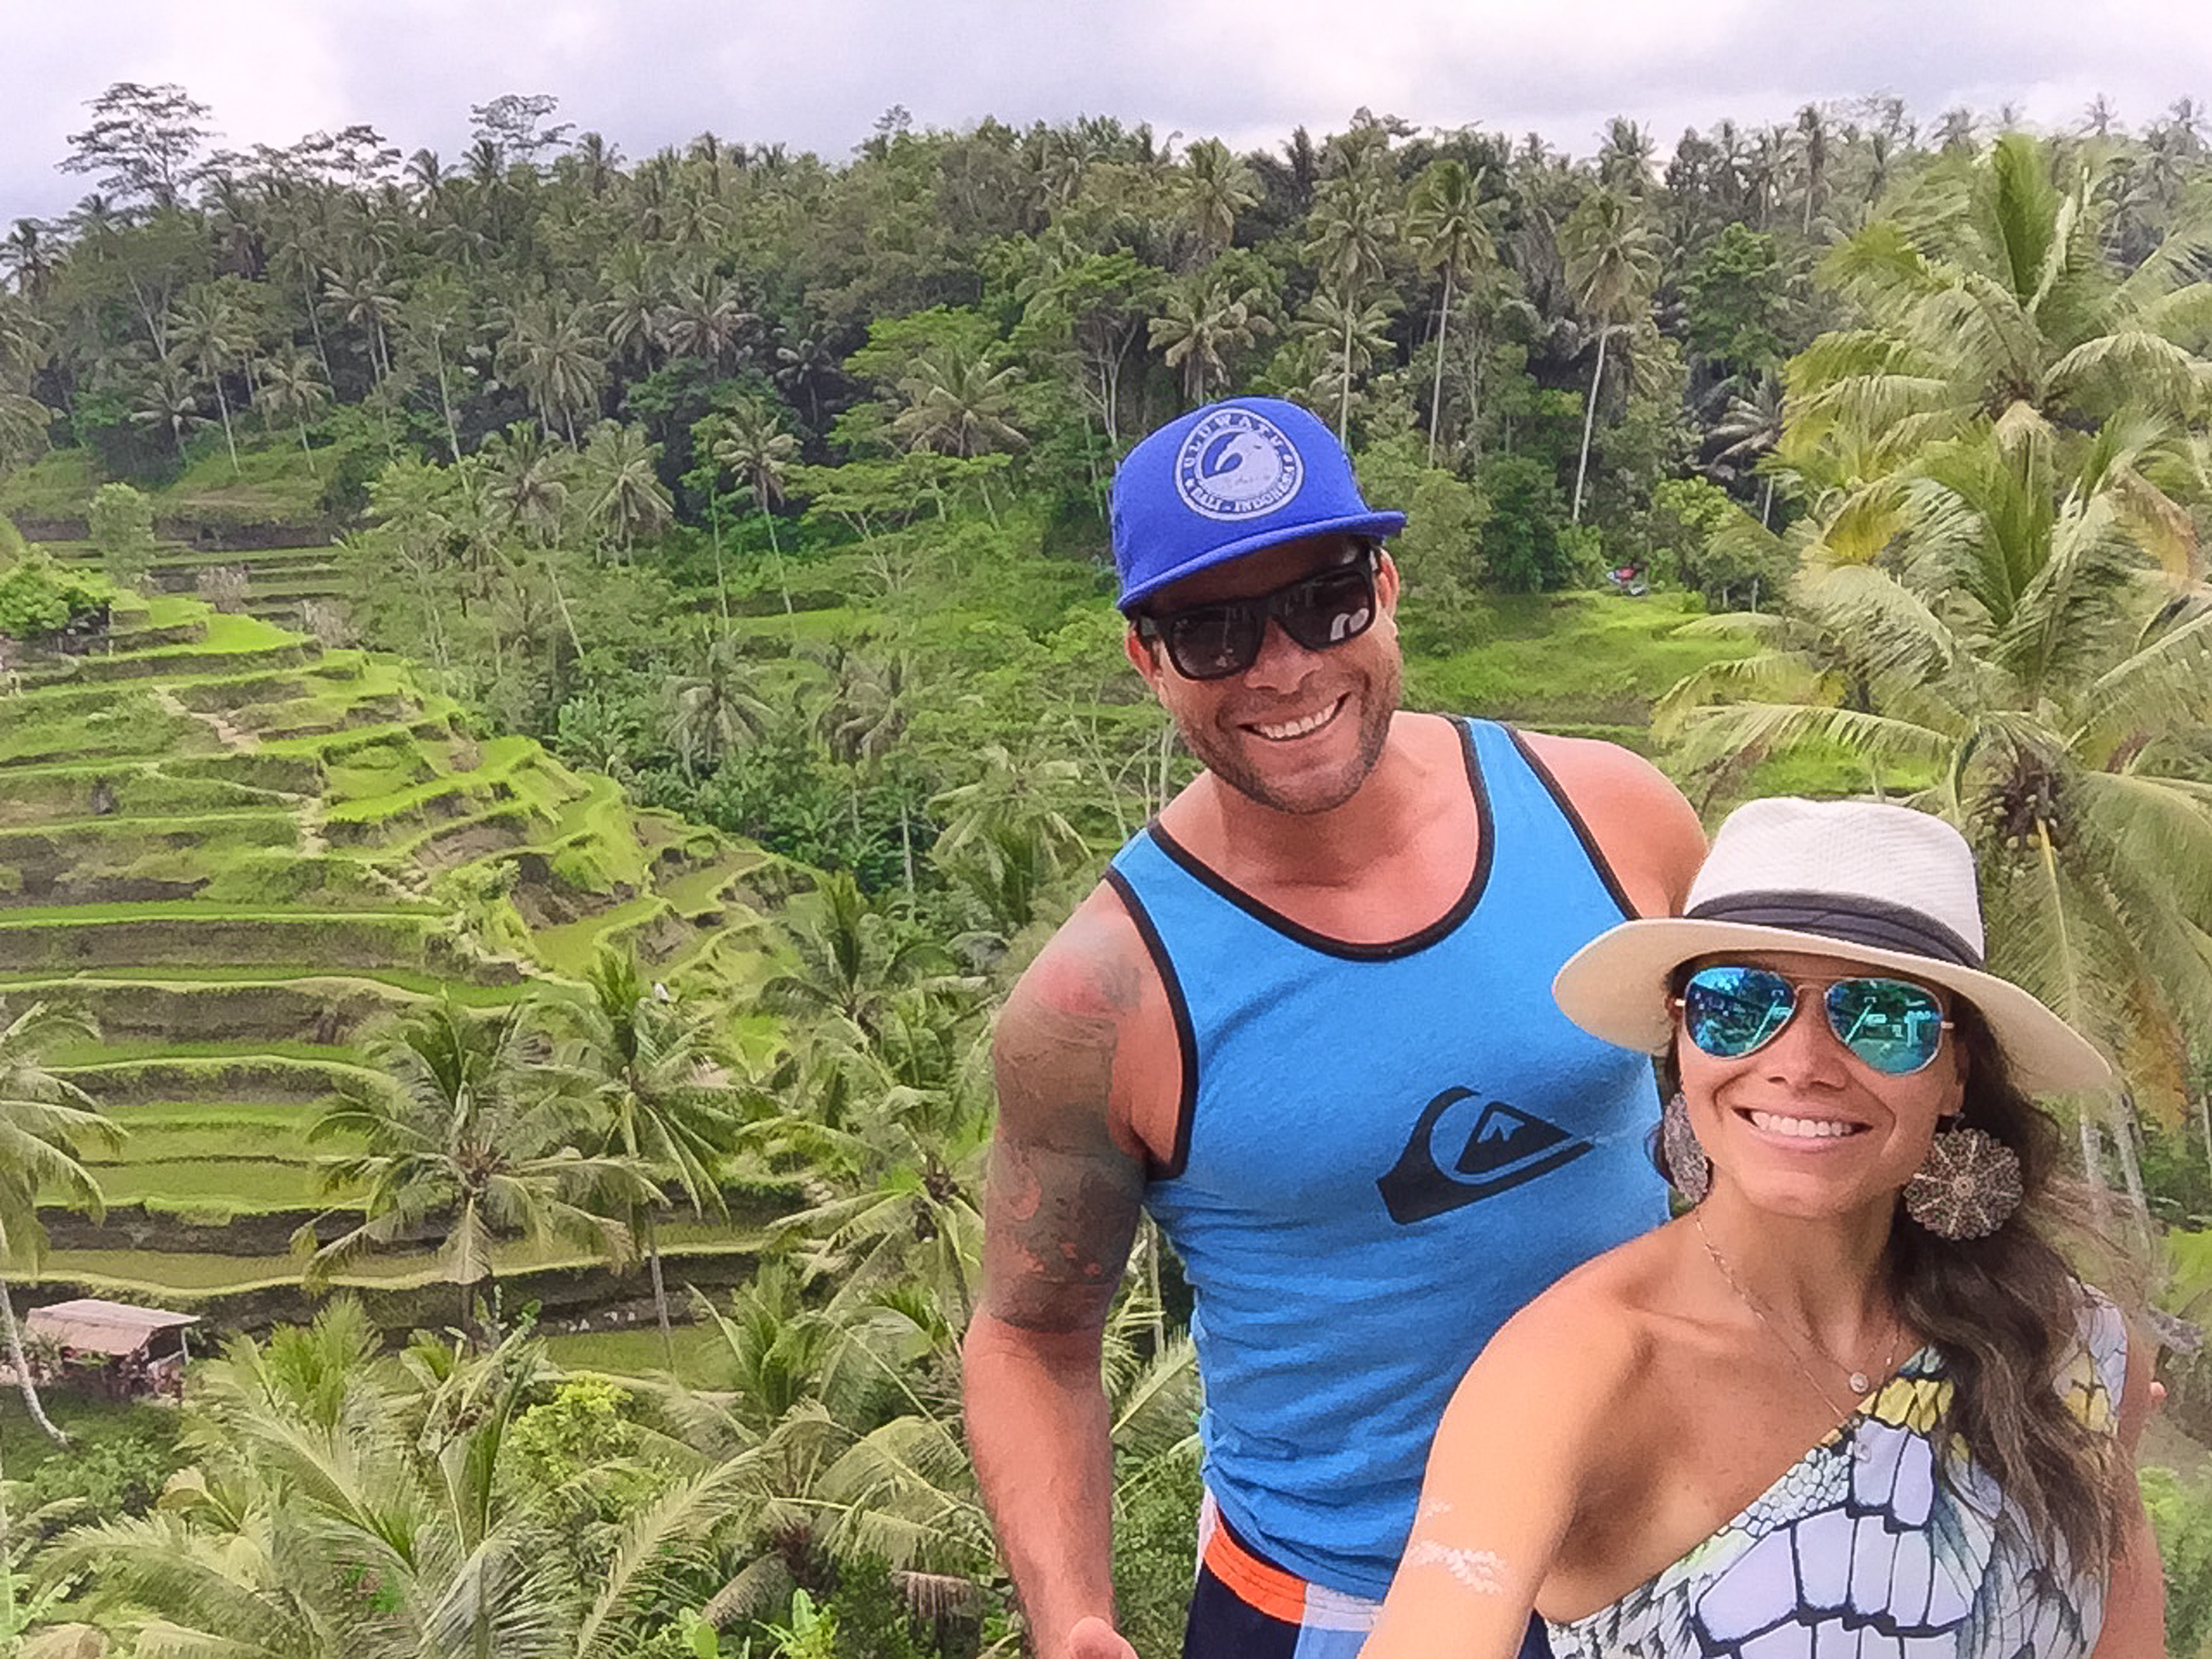 Gostamos tanto dos terraços de arroz que voltamos várias vezes <3 Lugar incrivelmente lindo